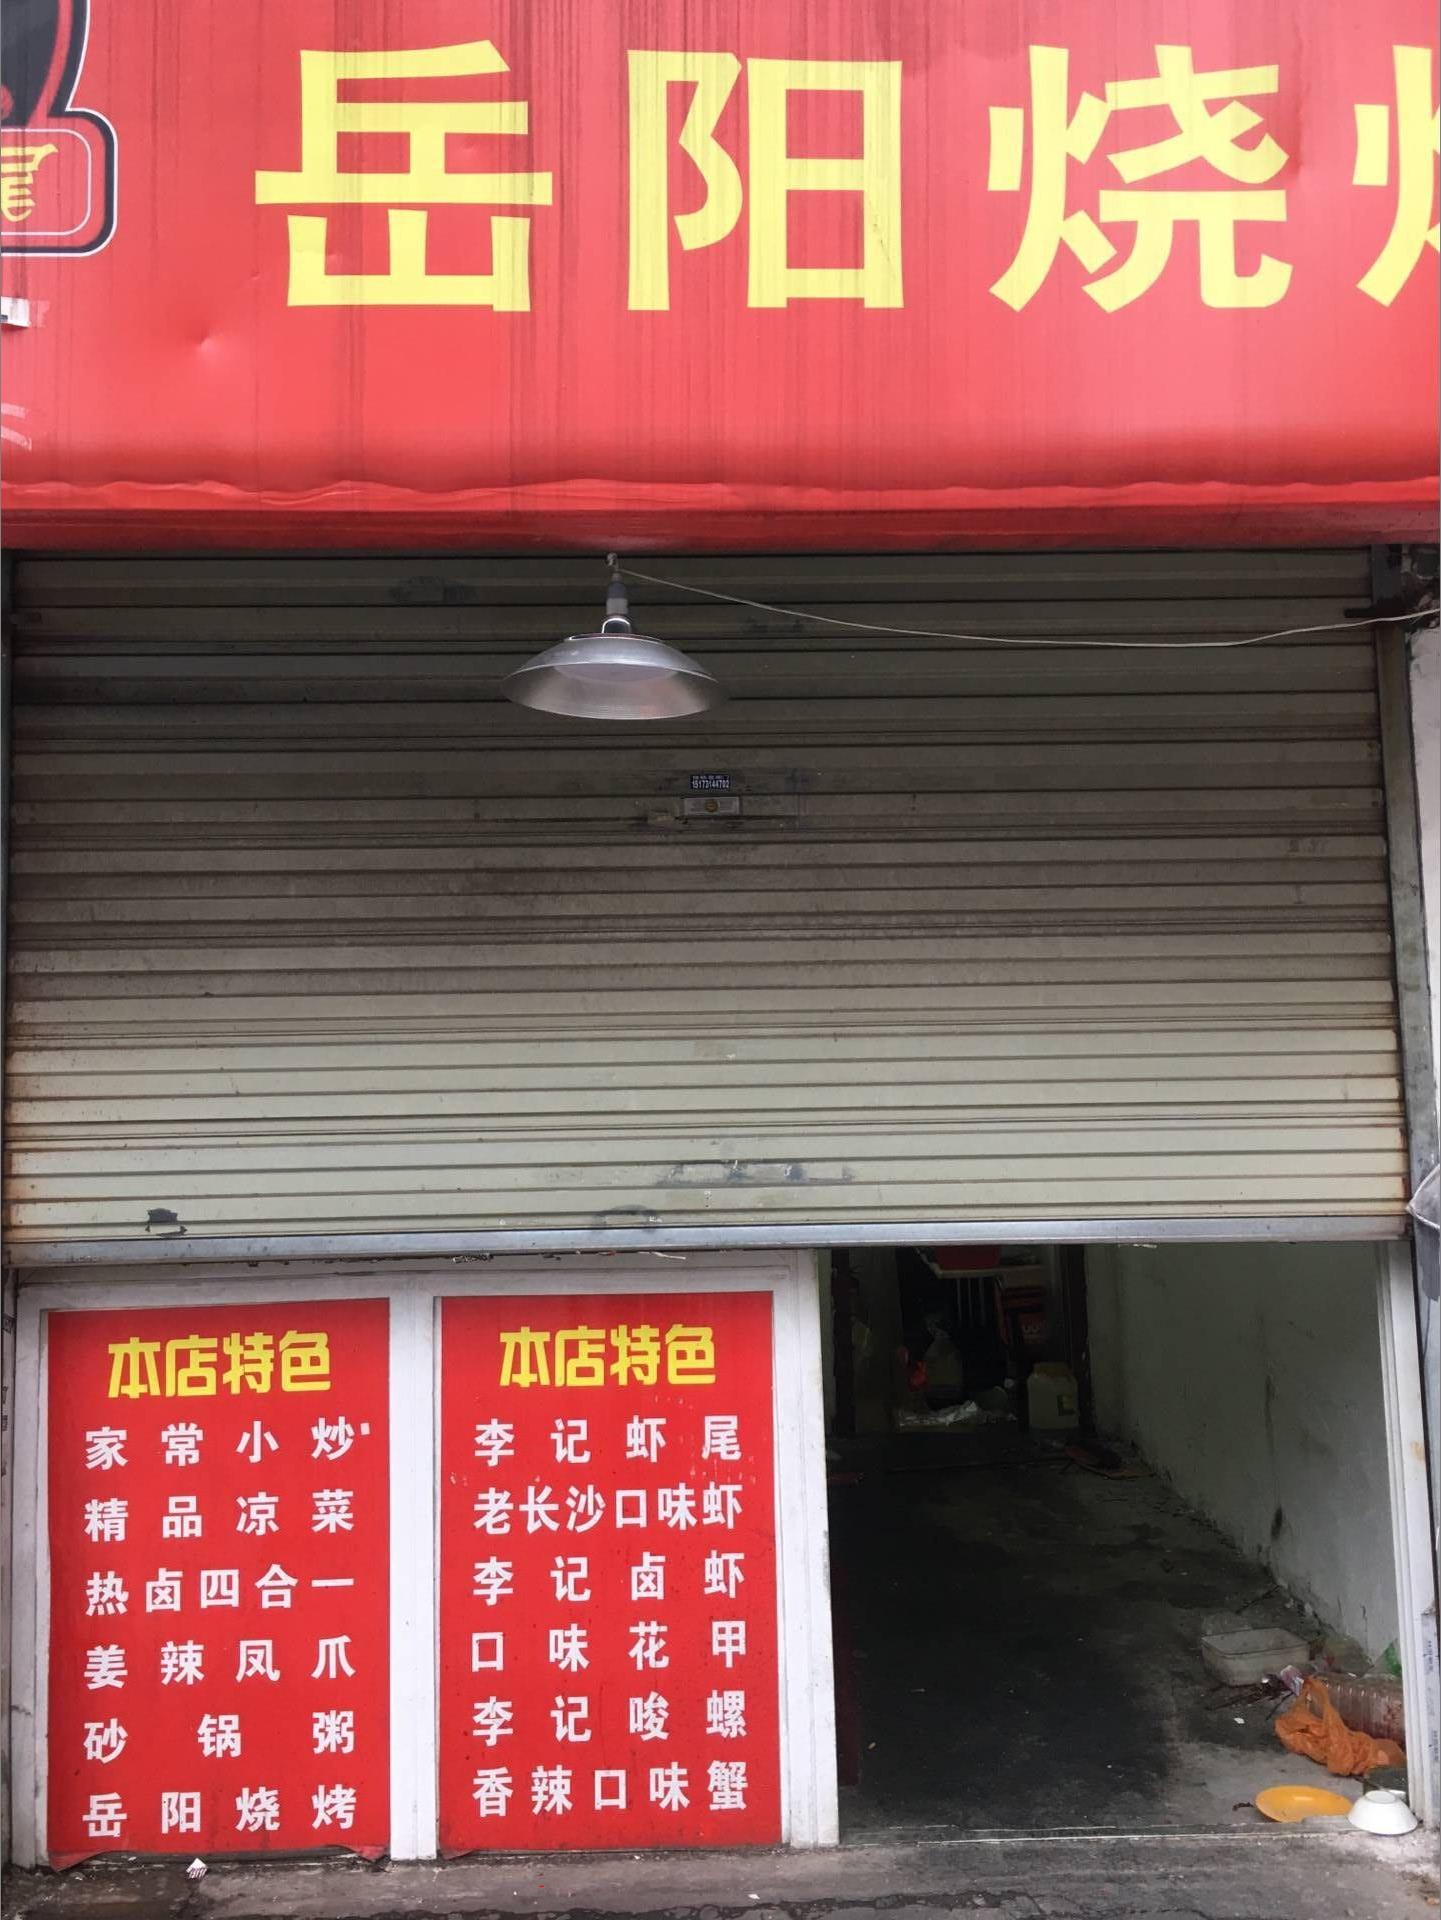 建湘南路临街旺铺招租